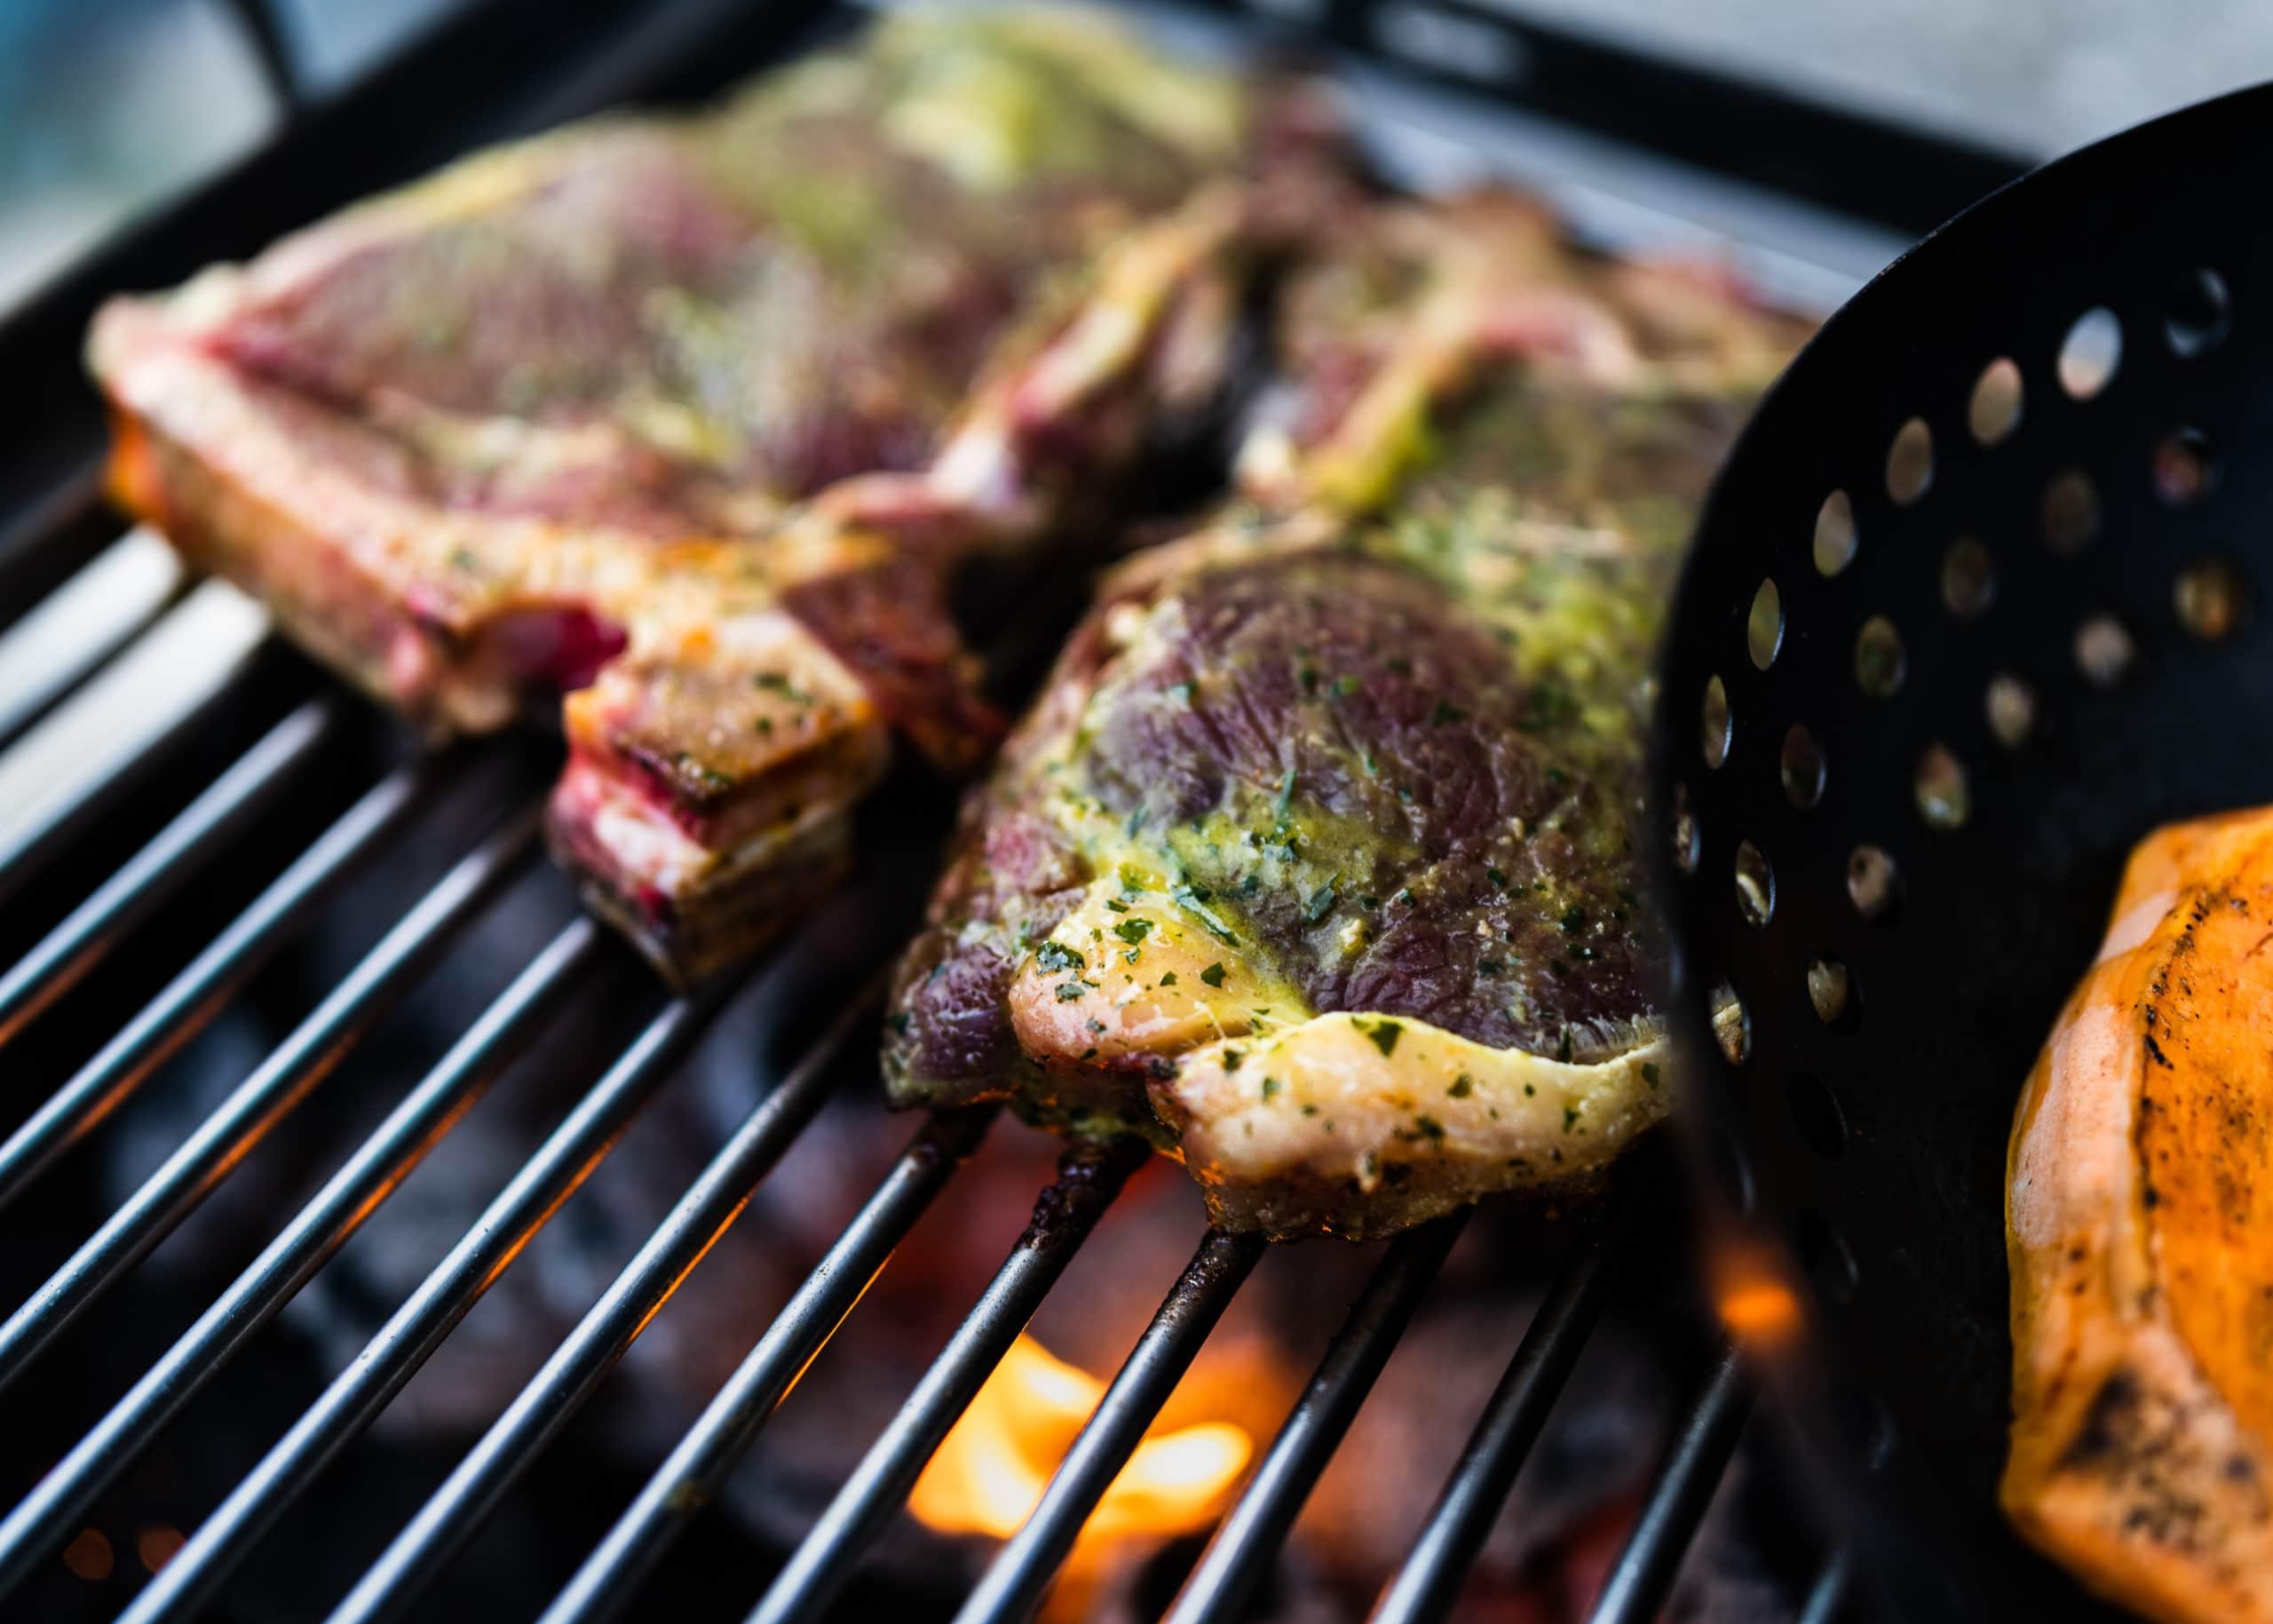 Lifestyle Food Aufnahme saftiger Steaks auf einem Holzkohle Grill BBQ im Detail | Fotograf in der Region Osnabrück Münster Bielefeld für Foodfotografie